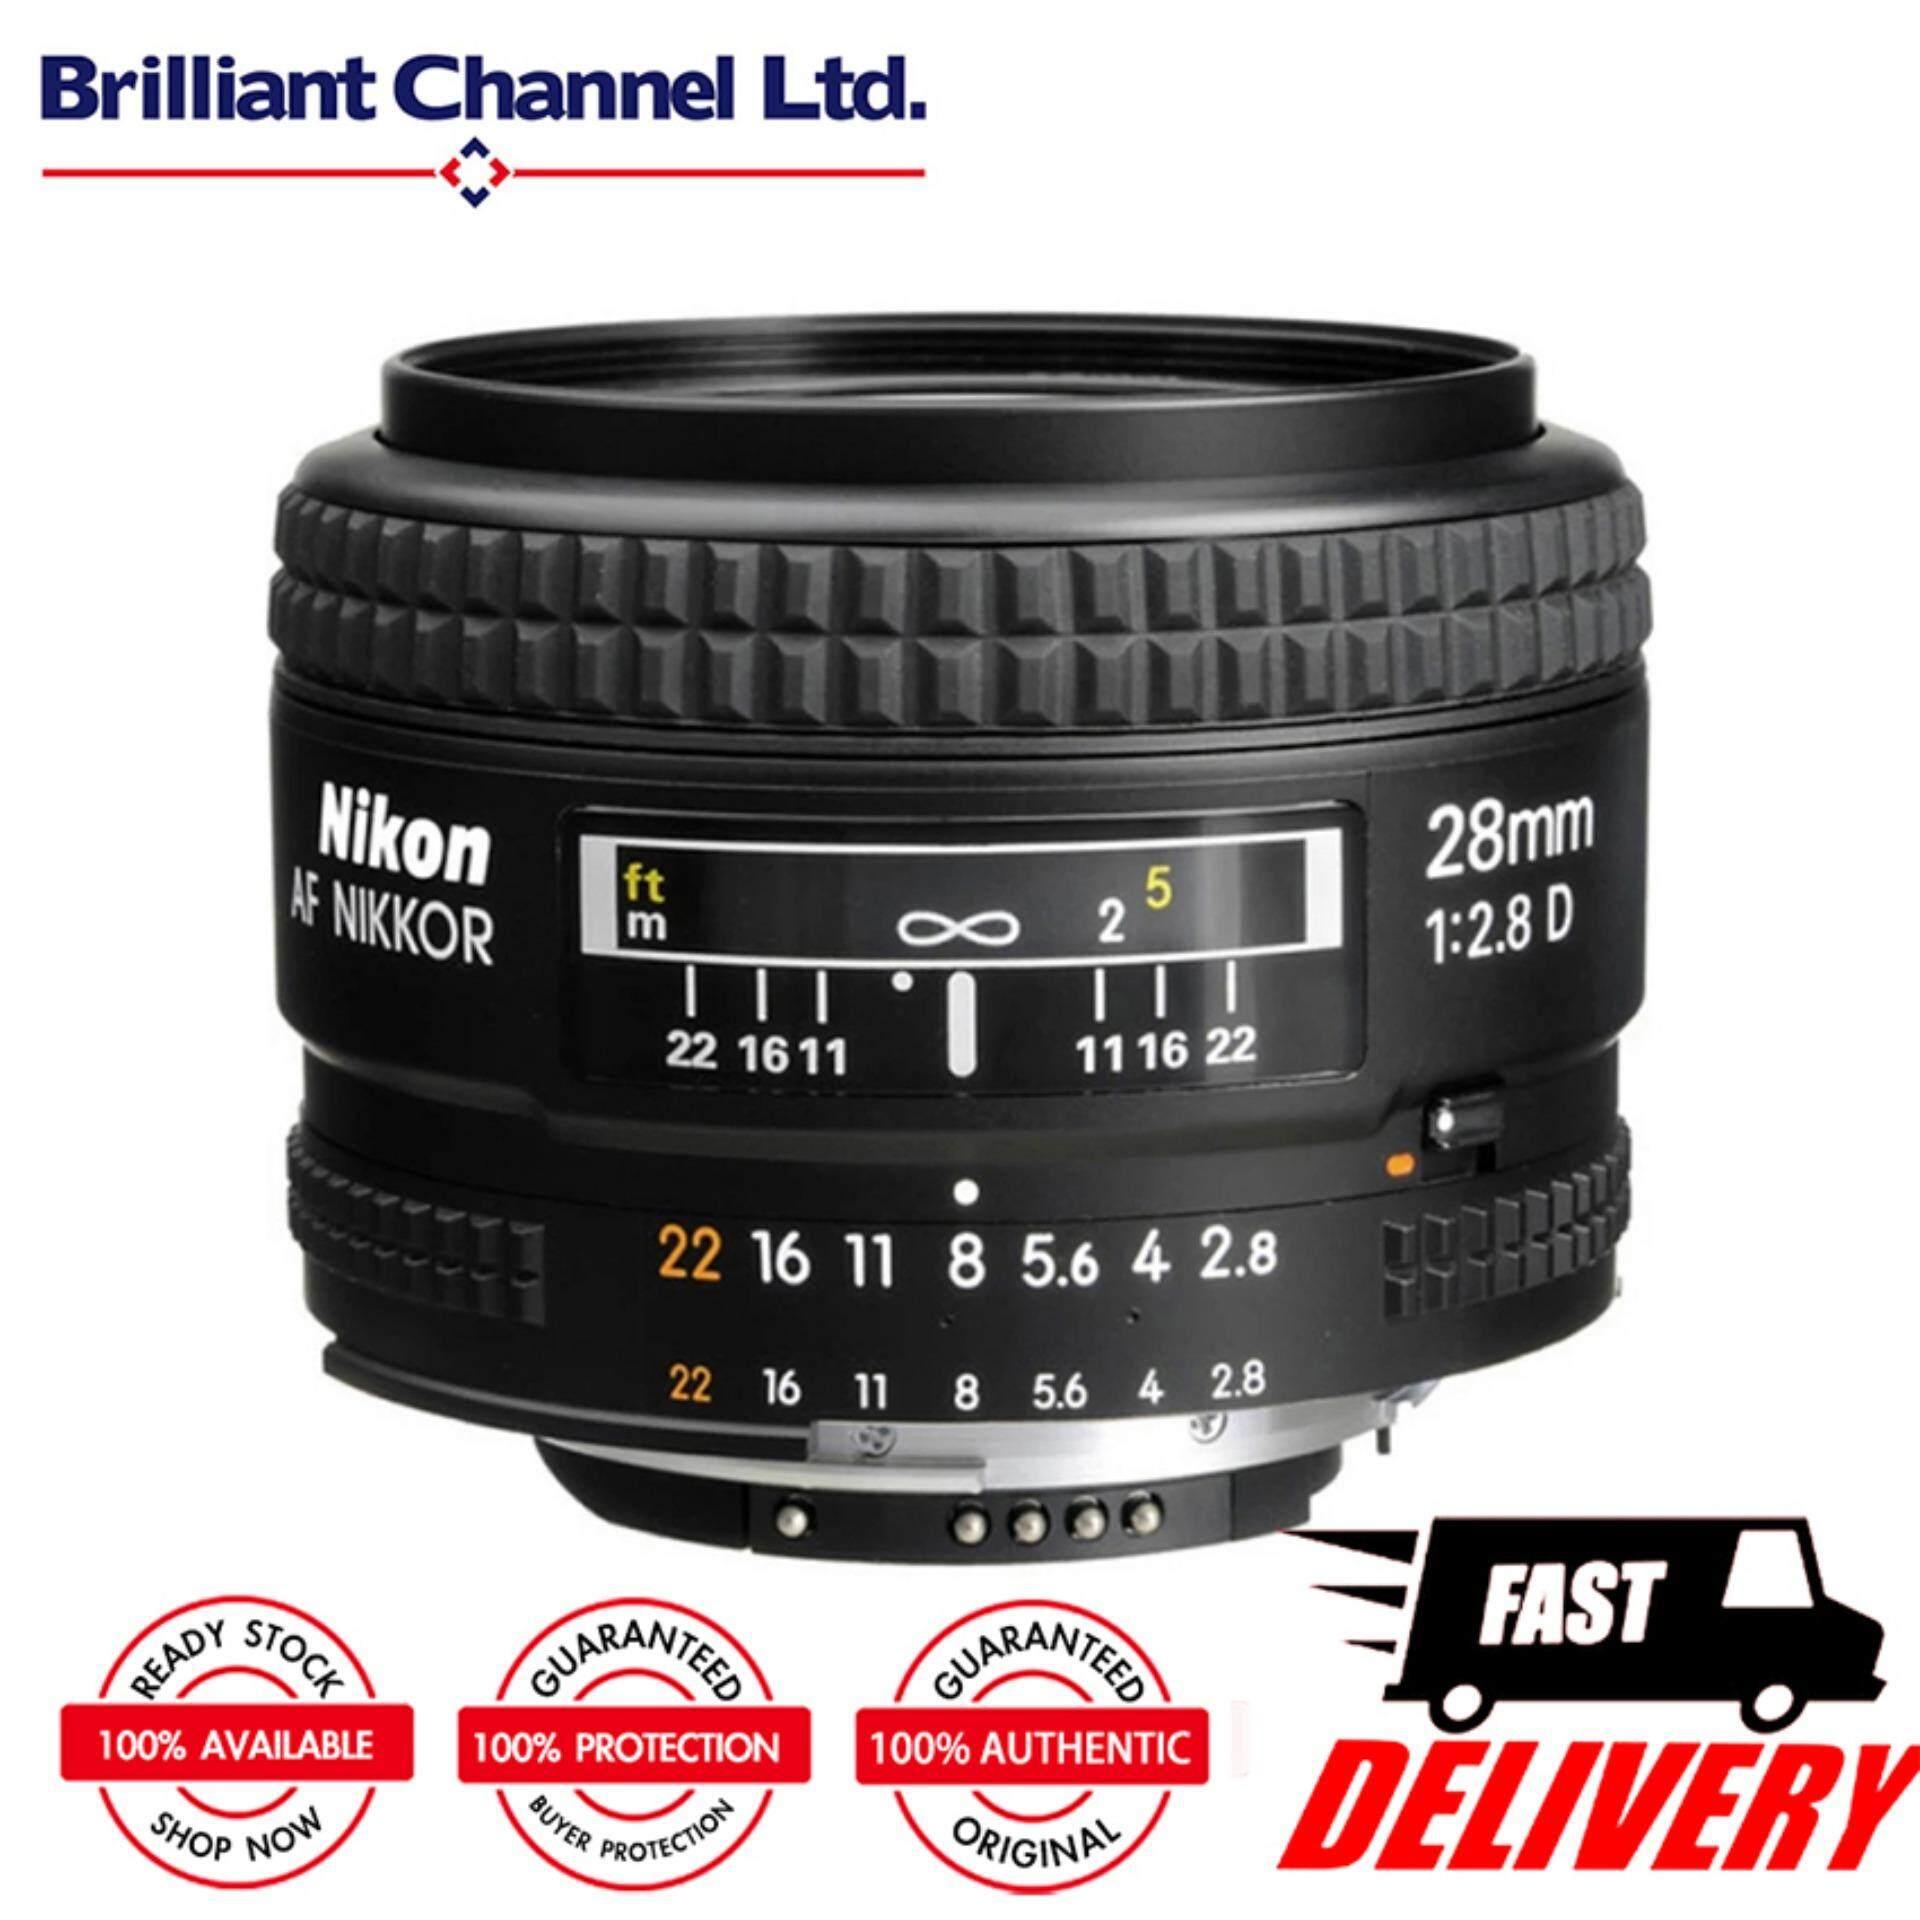 Nikon Cameras Lenses Price In Malaysia Best Af 105mm F 28g If Ed Dx Fisheye 28mm 28d Nikkor Lens